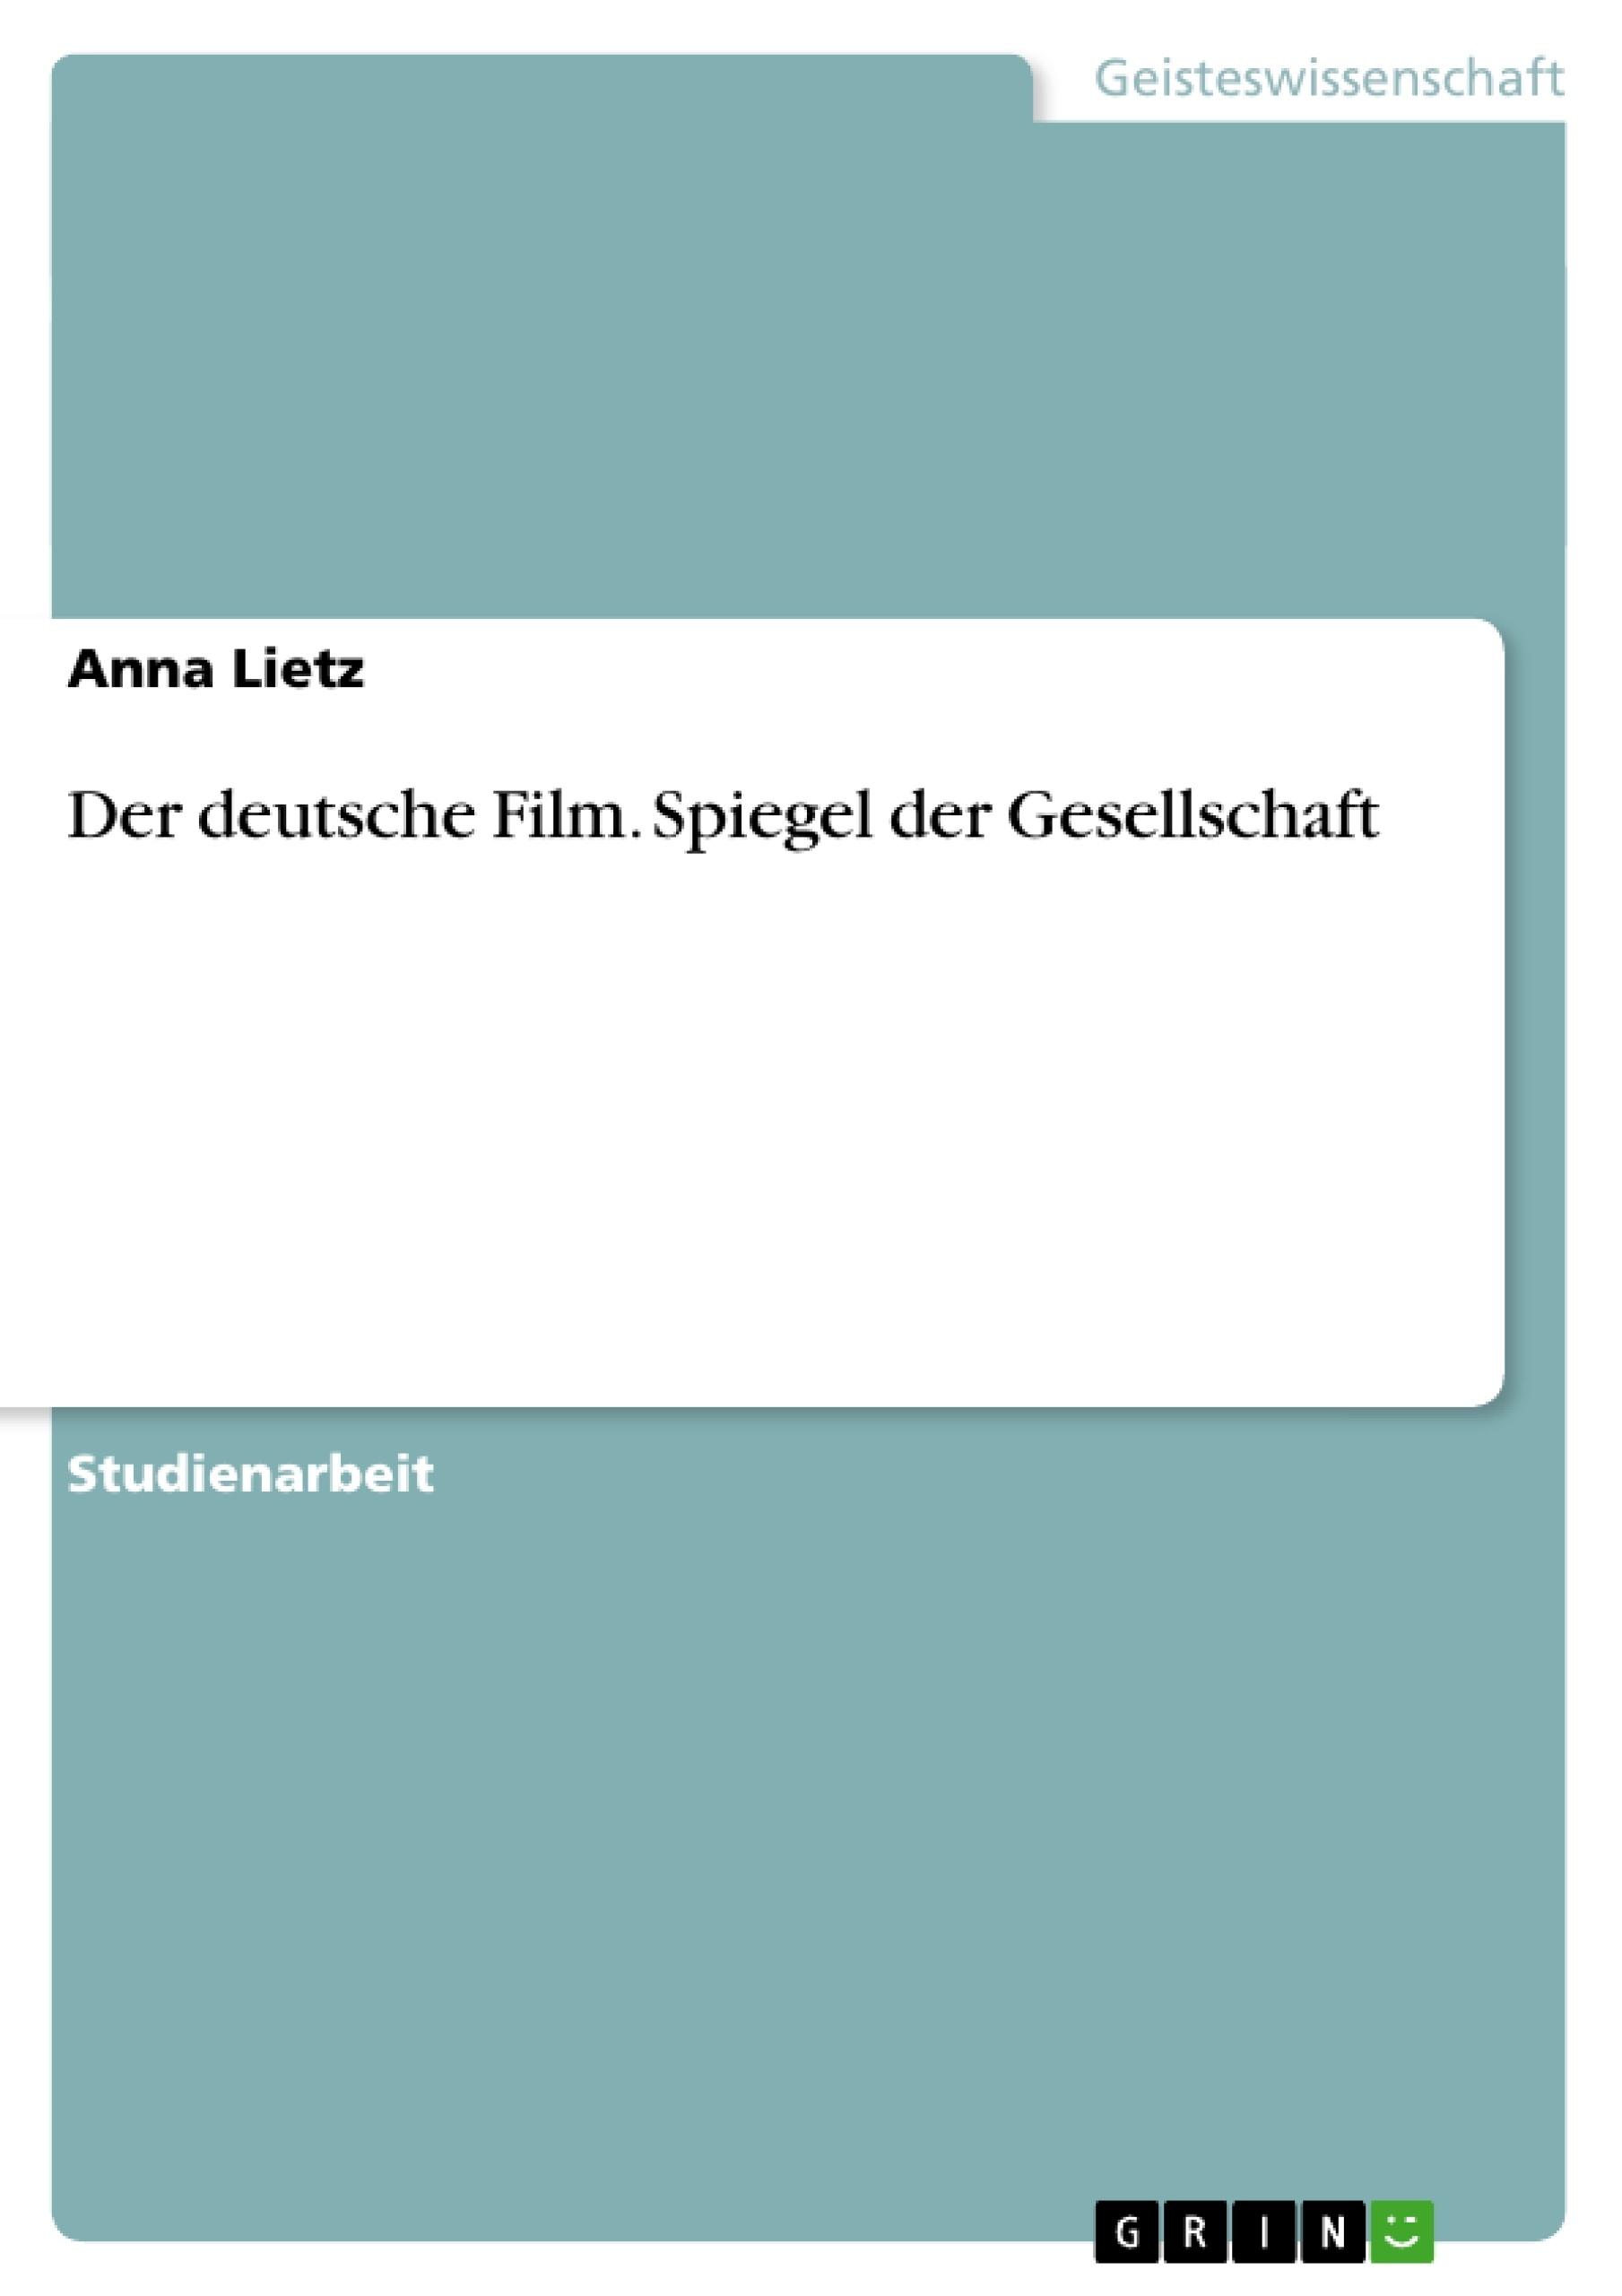 Titel: Der deutsche Film. Spiegel der Gesellschaft